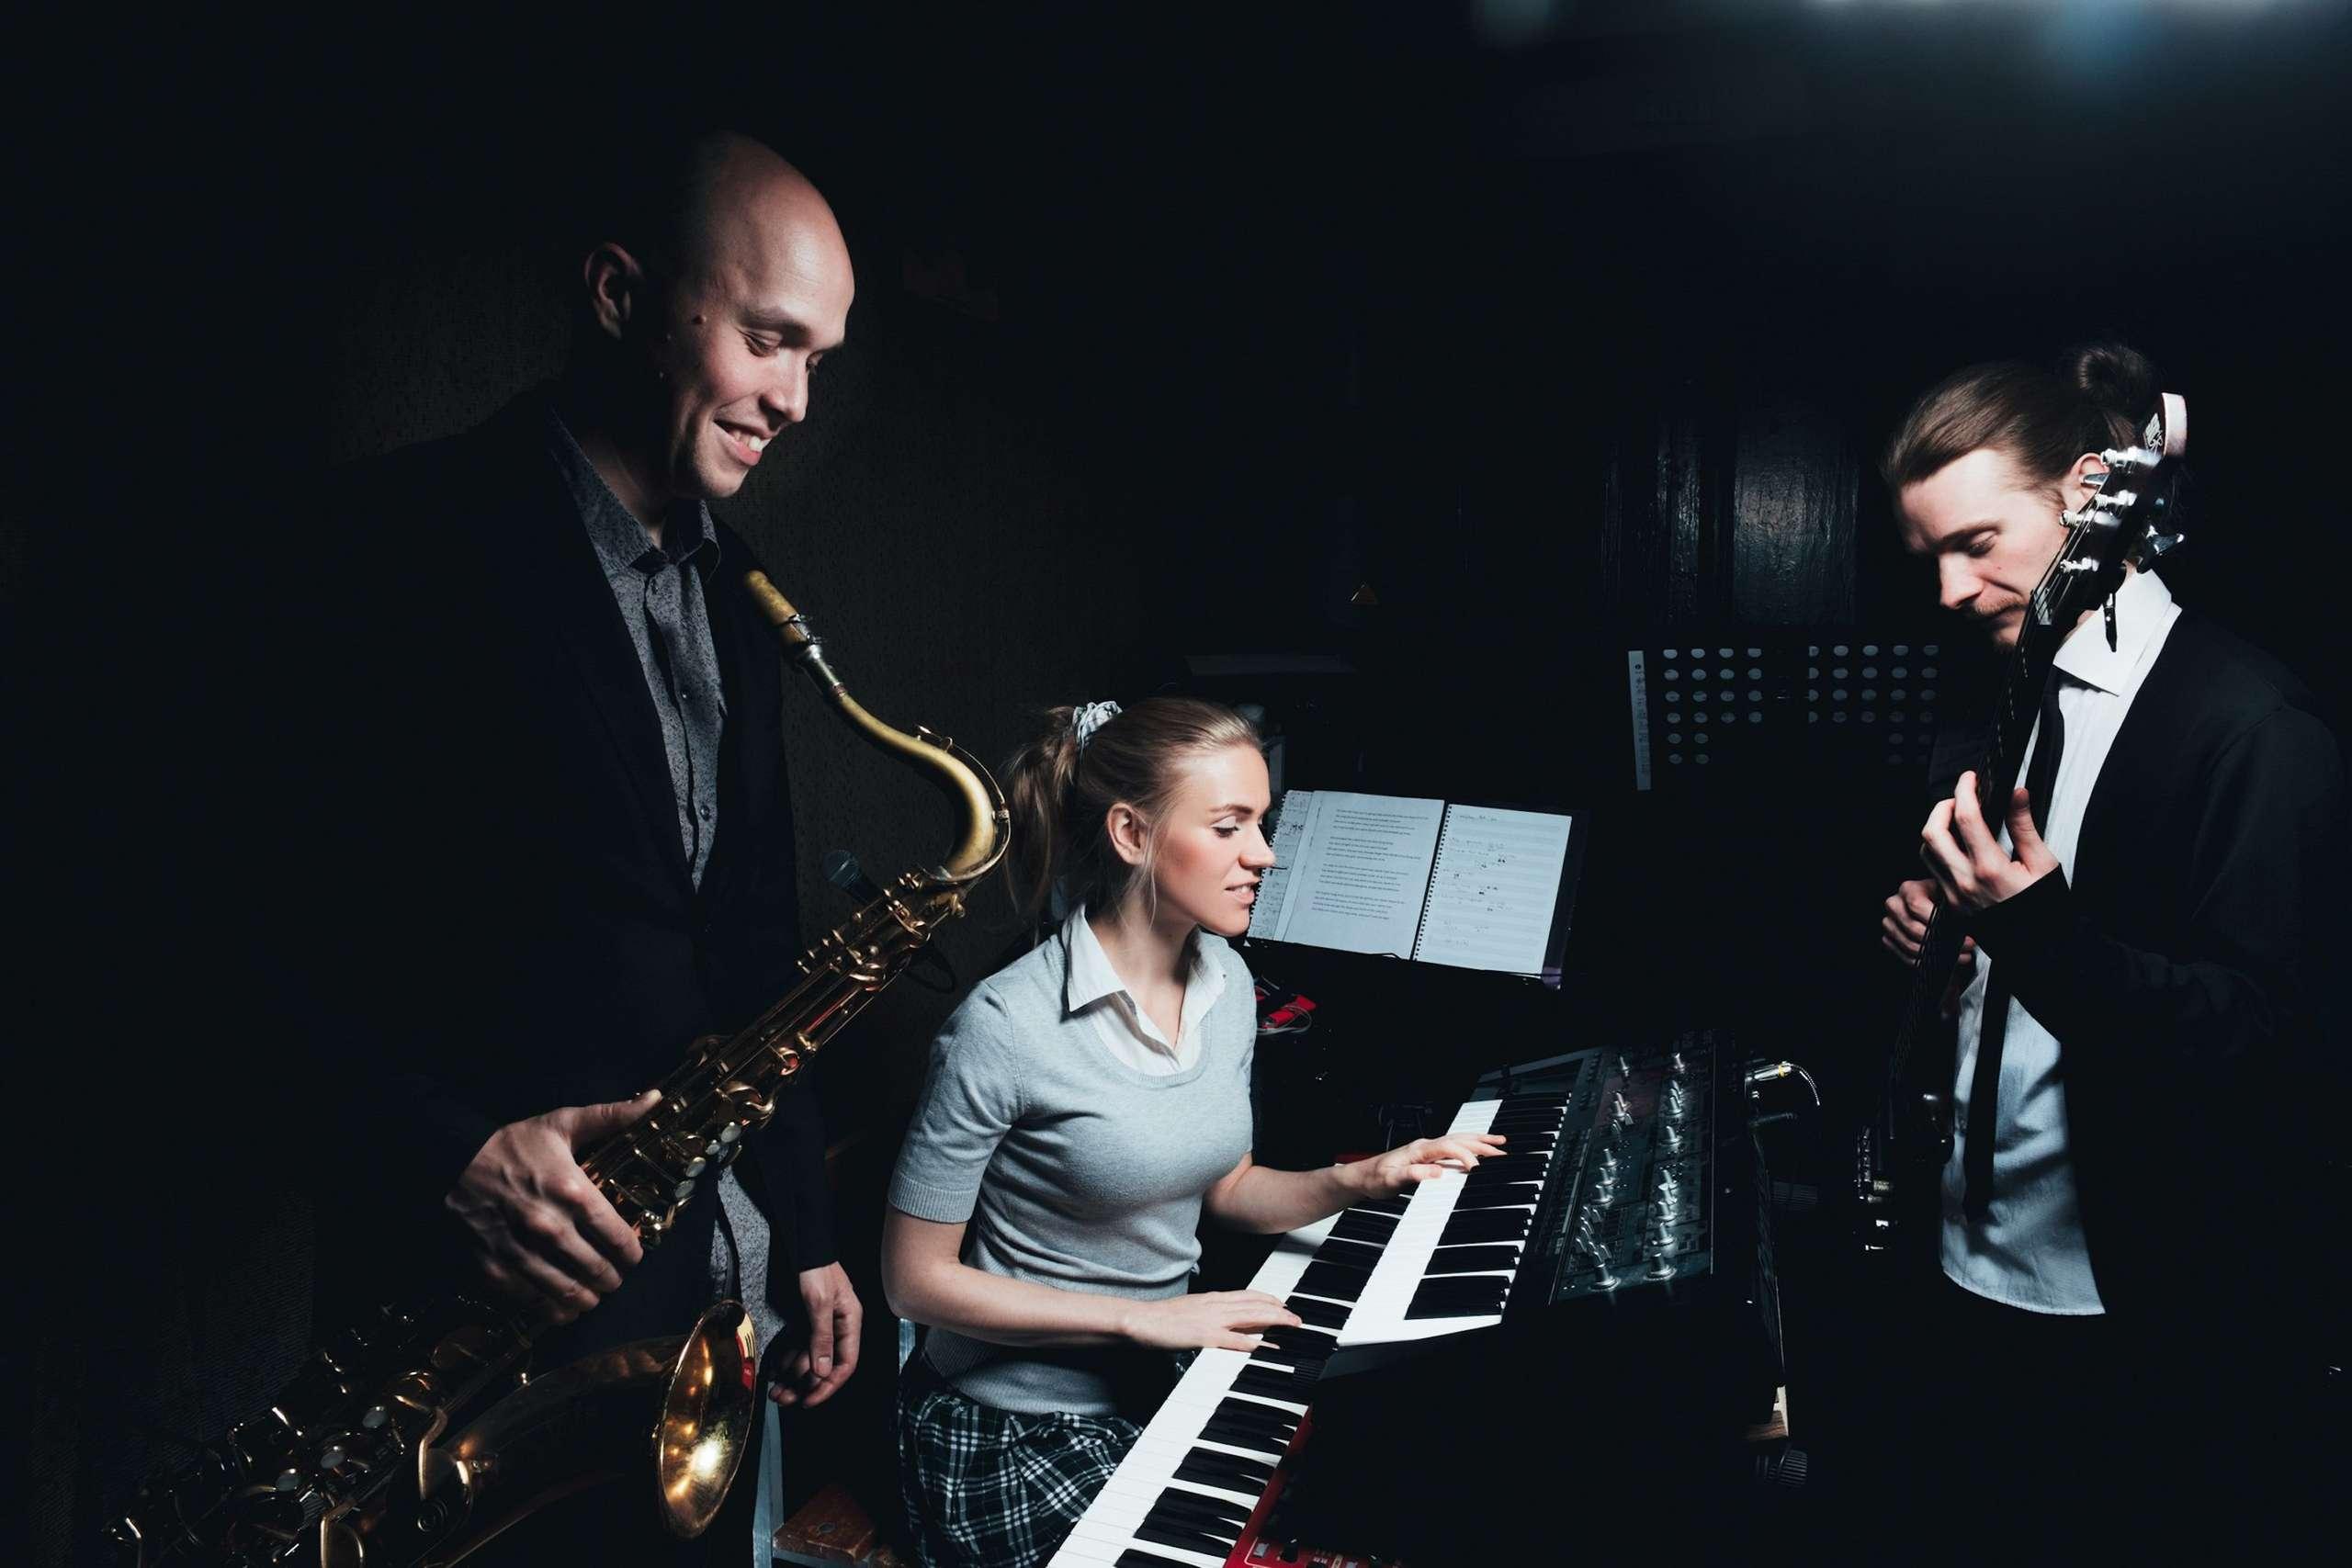 Alshannikova Alina Band